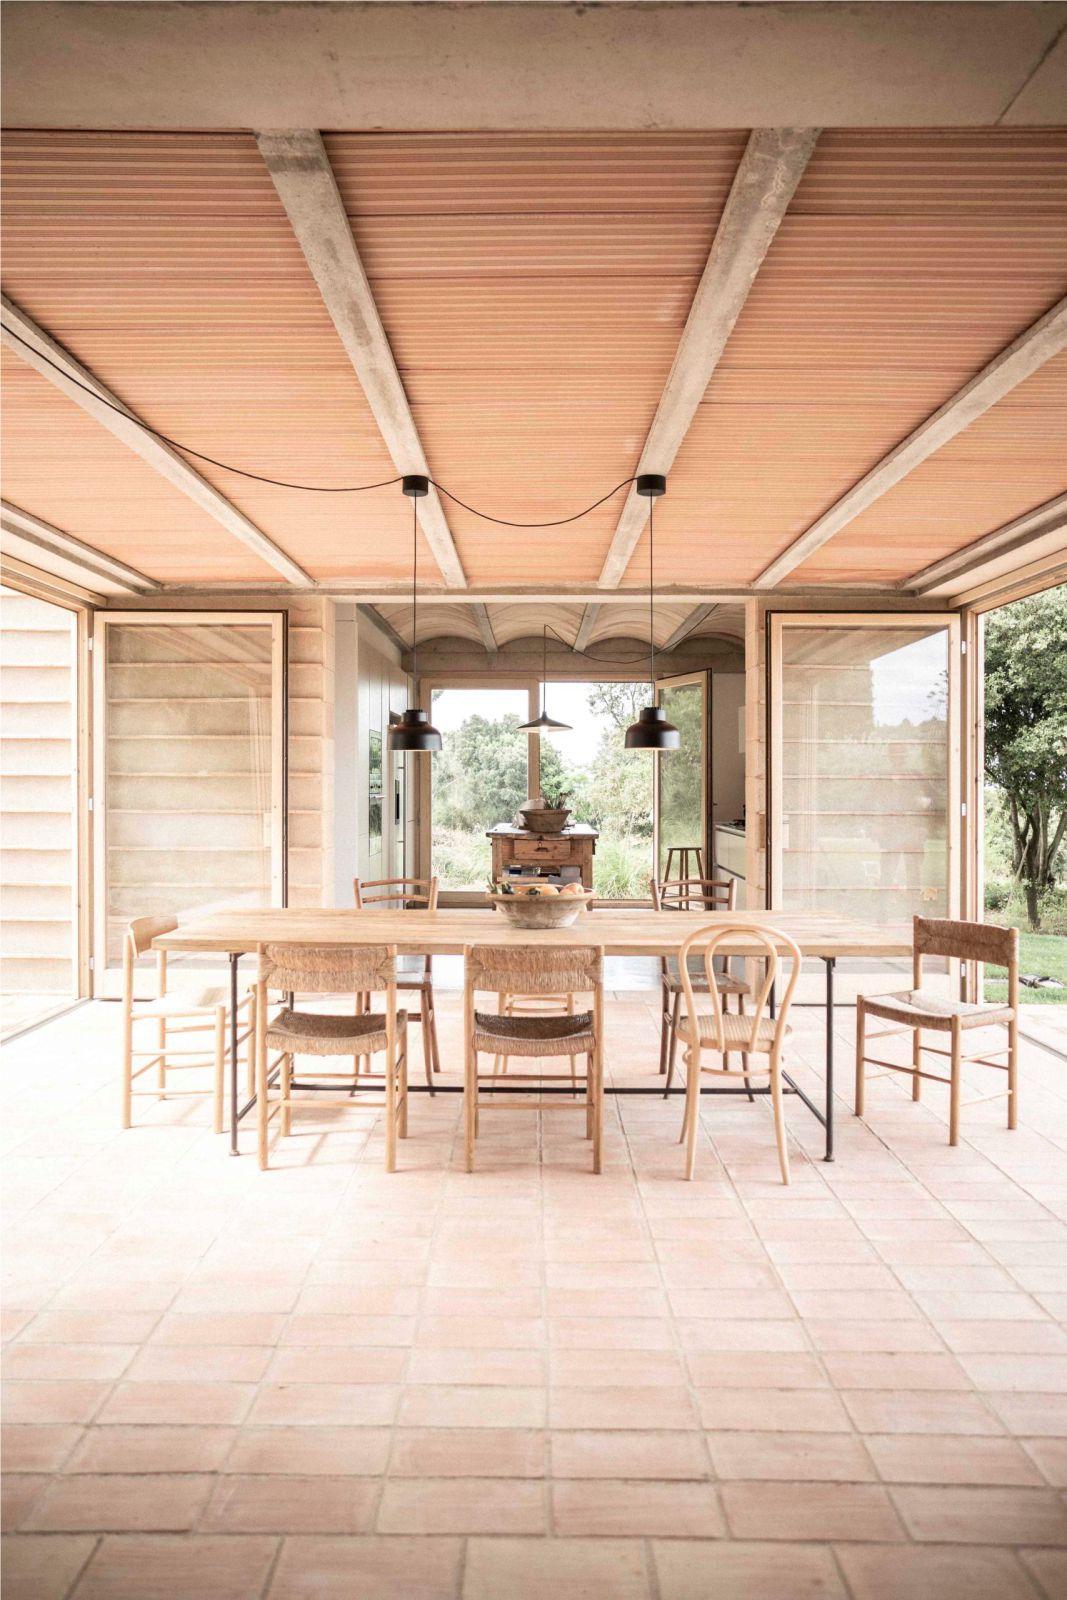 Living Places – Simon Architecture Prize